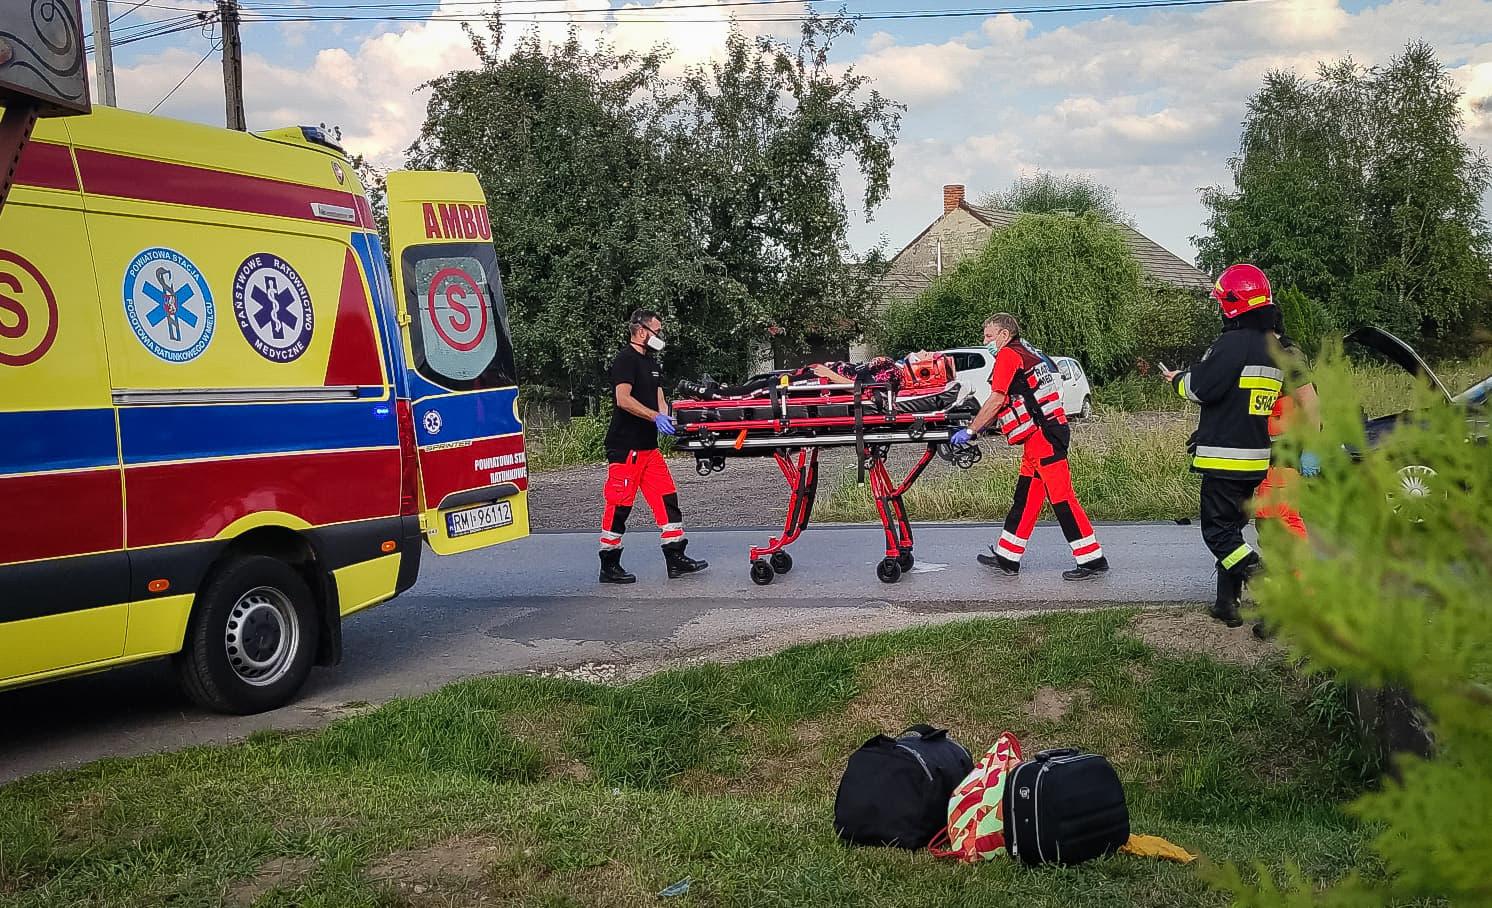 Wypadek w Złotnikach. 21-latka trafiła do szpitala [FOTO, VIDEO] - Zdjęcie główne